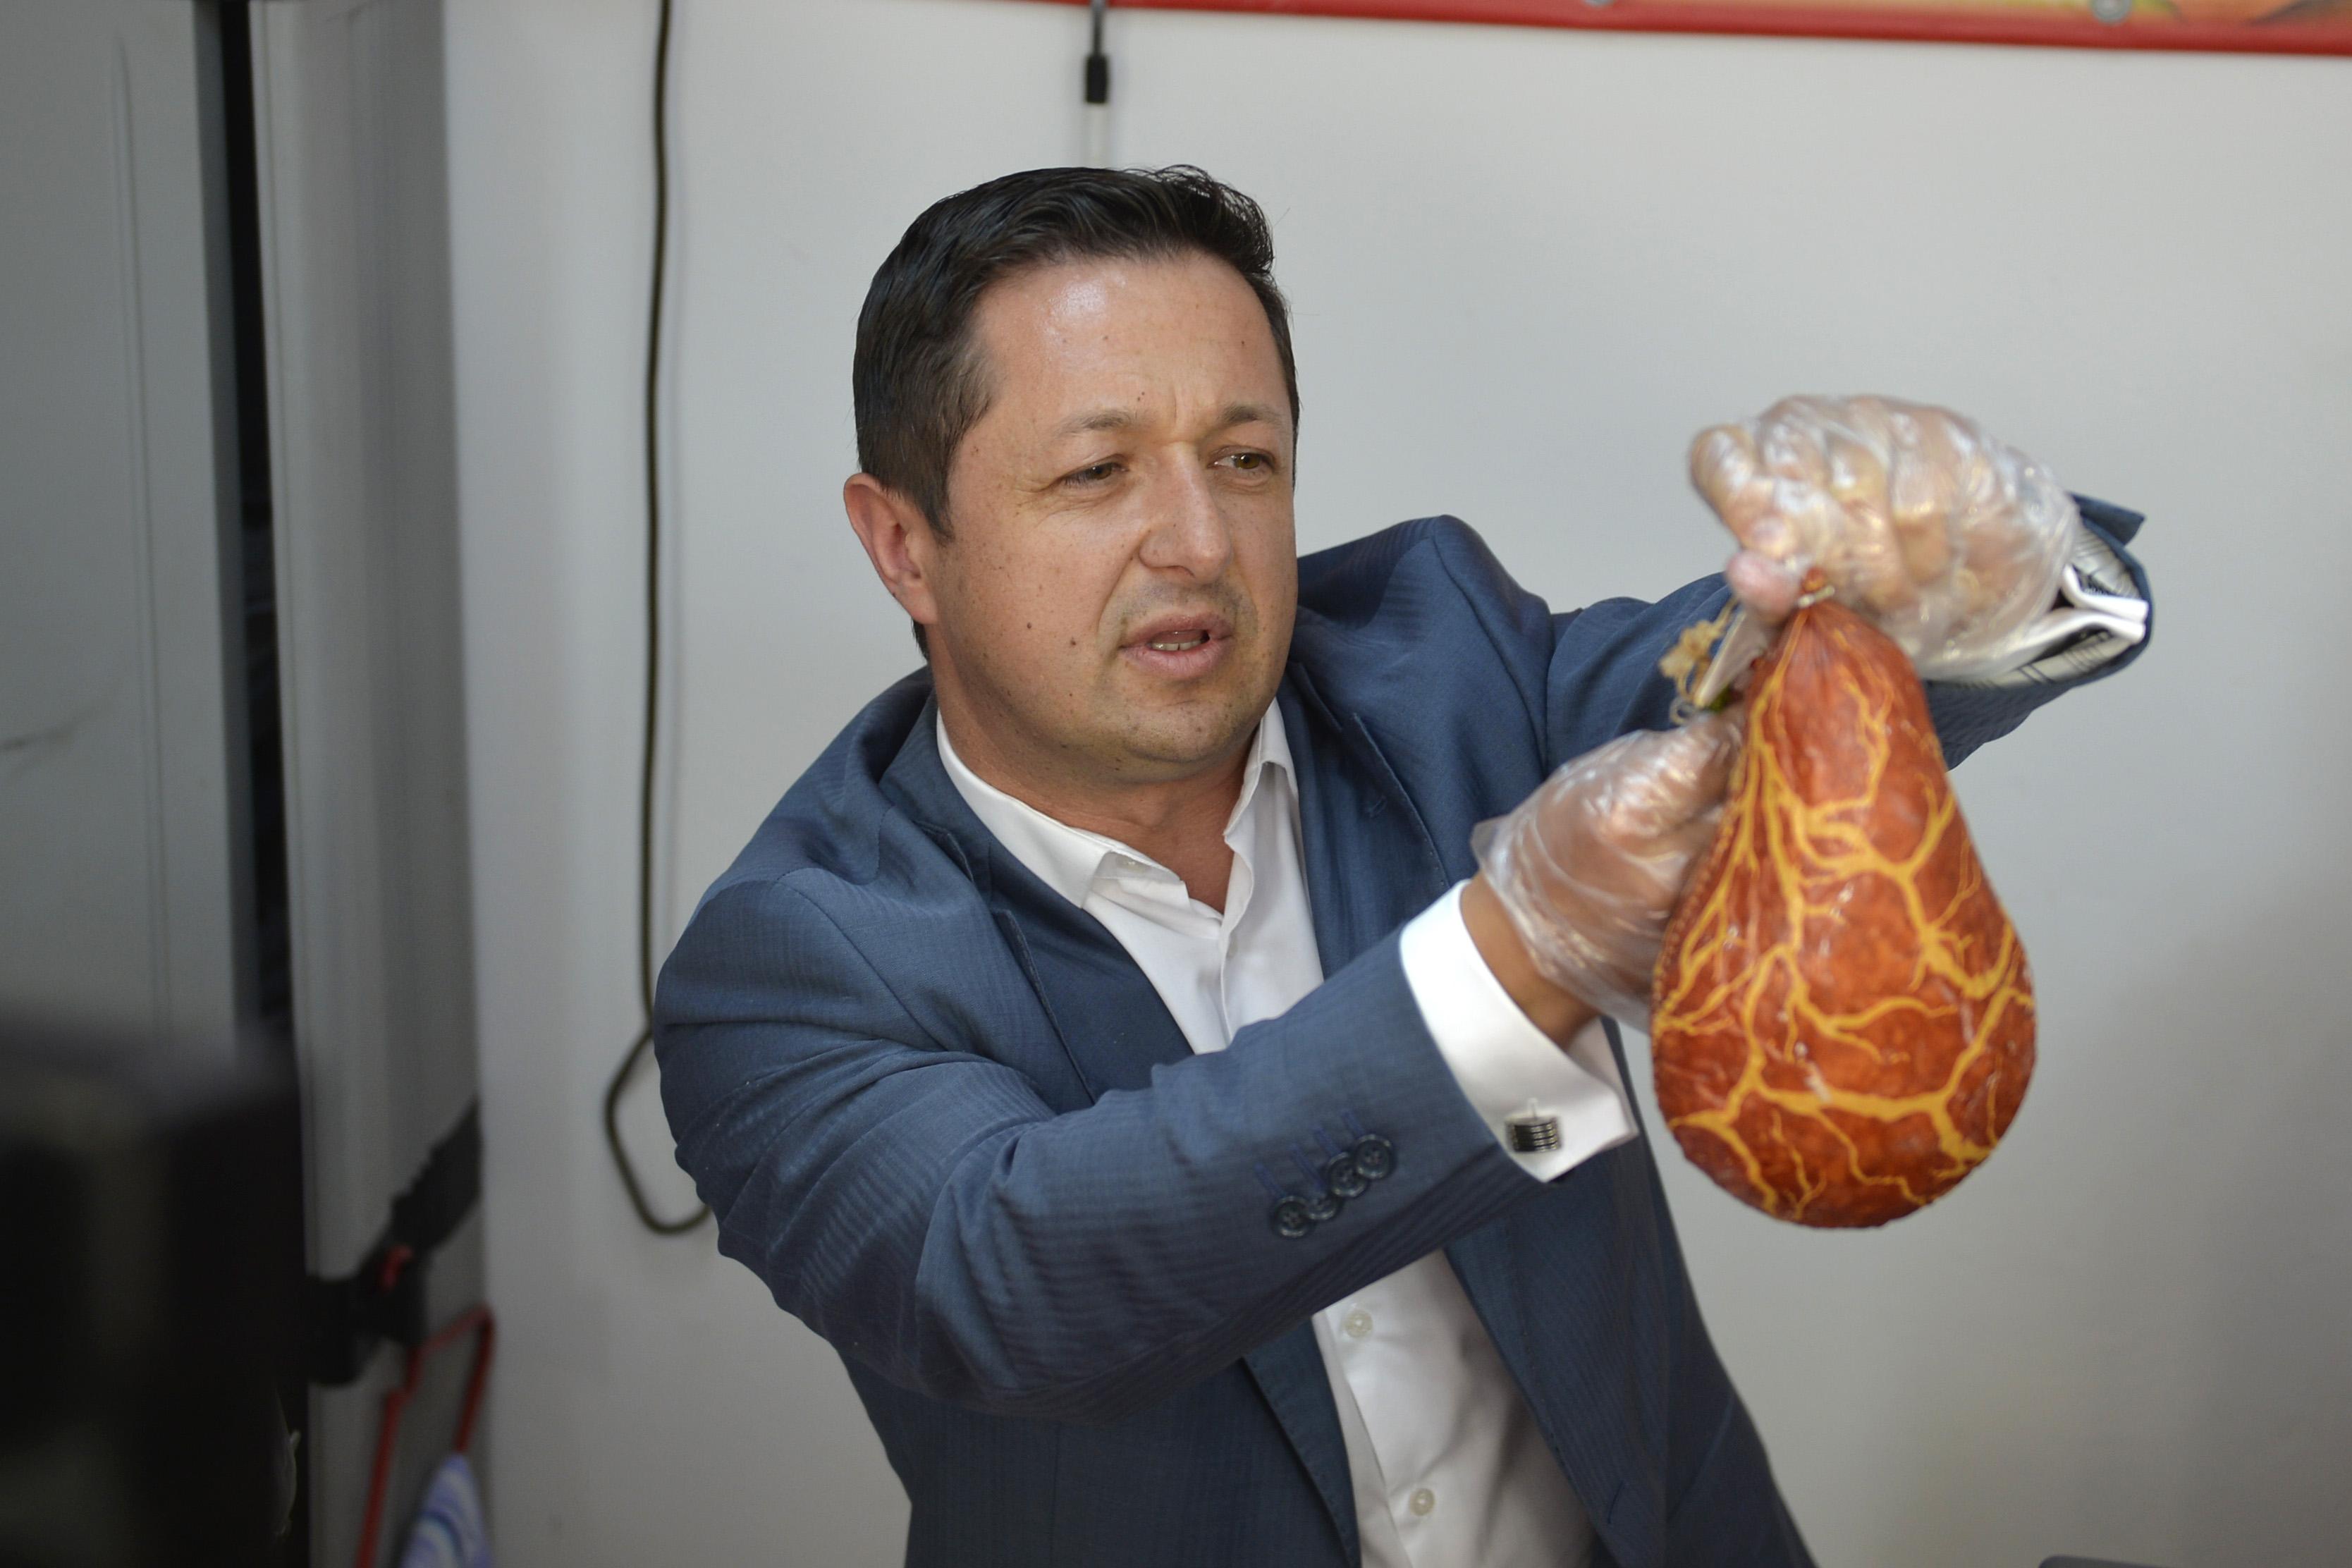 Marius Dunca pe vremea când era șeful Protecției Consumatorilor și făcea vizite în piețe, însoțit de televiziuni. Dunca a fost în noiembrie 2015 primul oficial demis după catastrofa de la Colectiv, chiar de către premierul Victor Ponta.